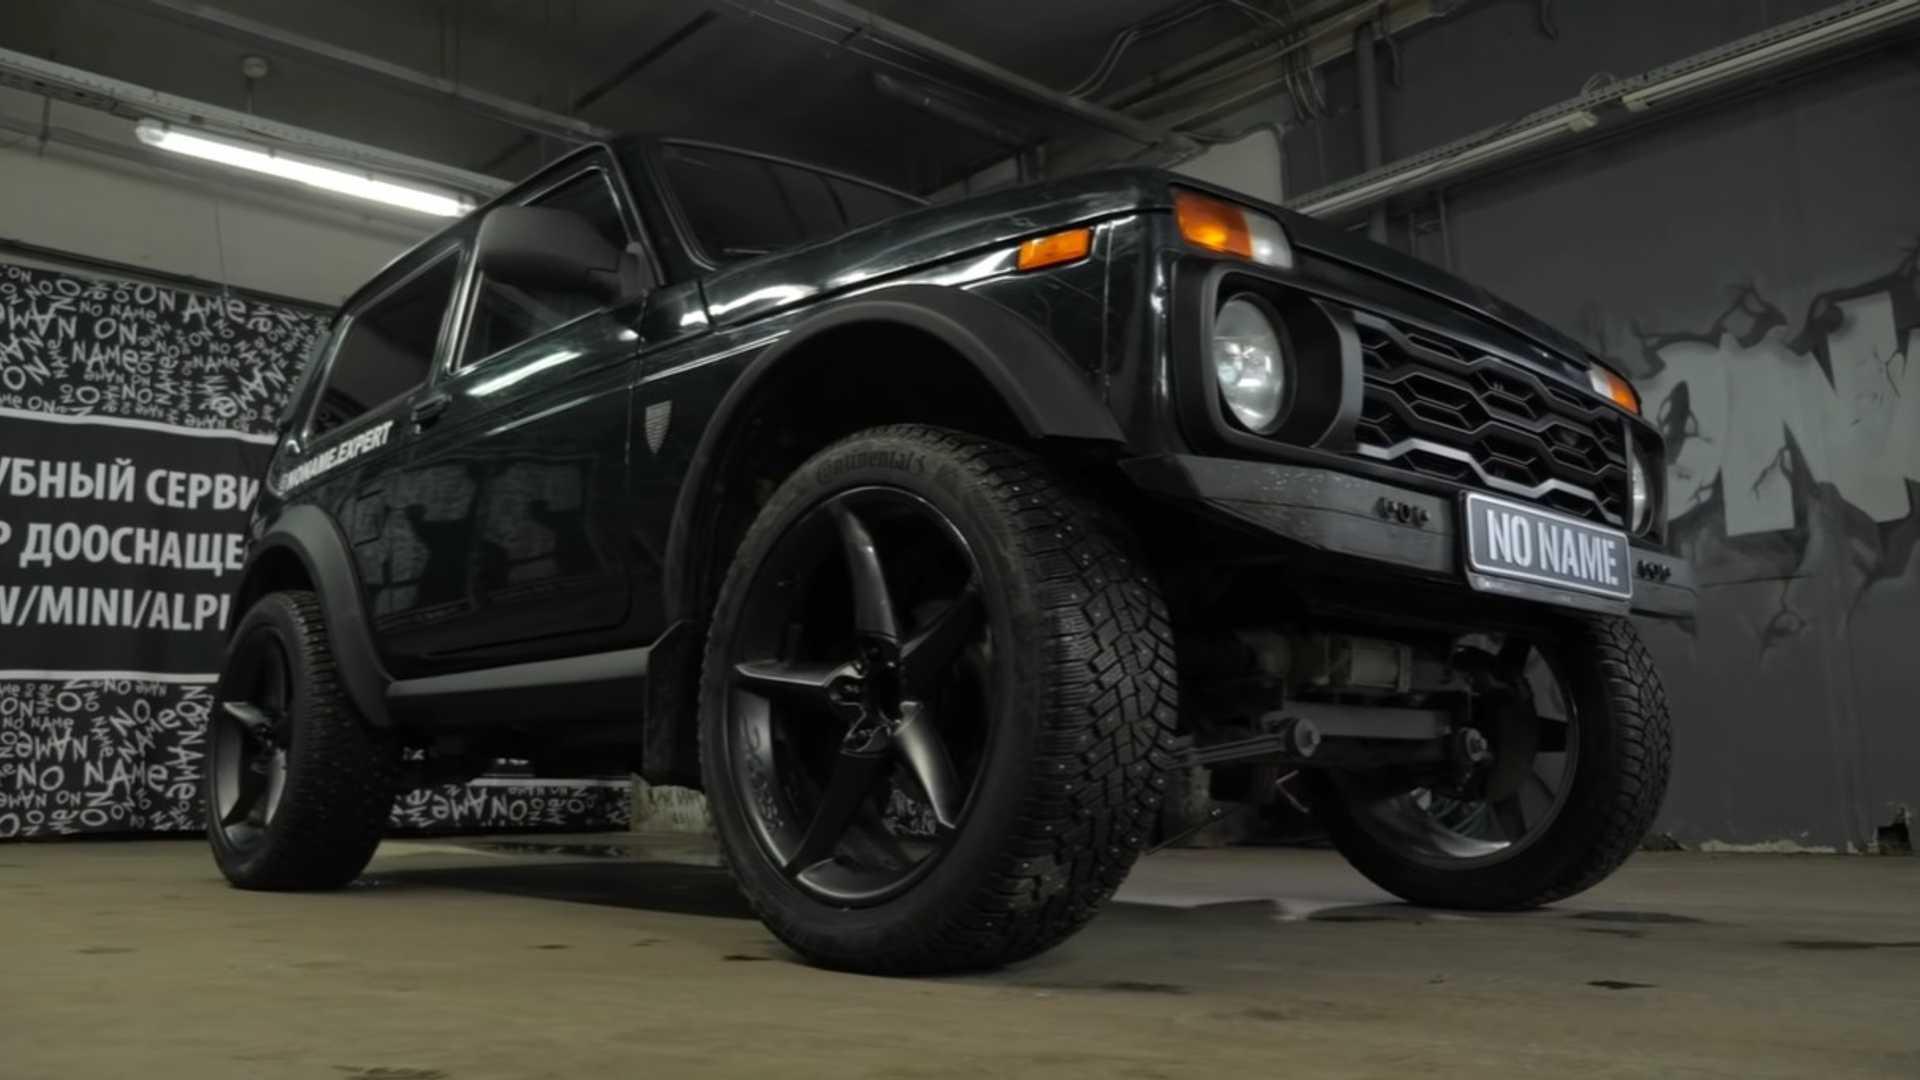 Der Lada Bronto ist ein Niva mit BMW-Motor und 20-Zöllern - Motor1.com Deutschland